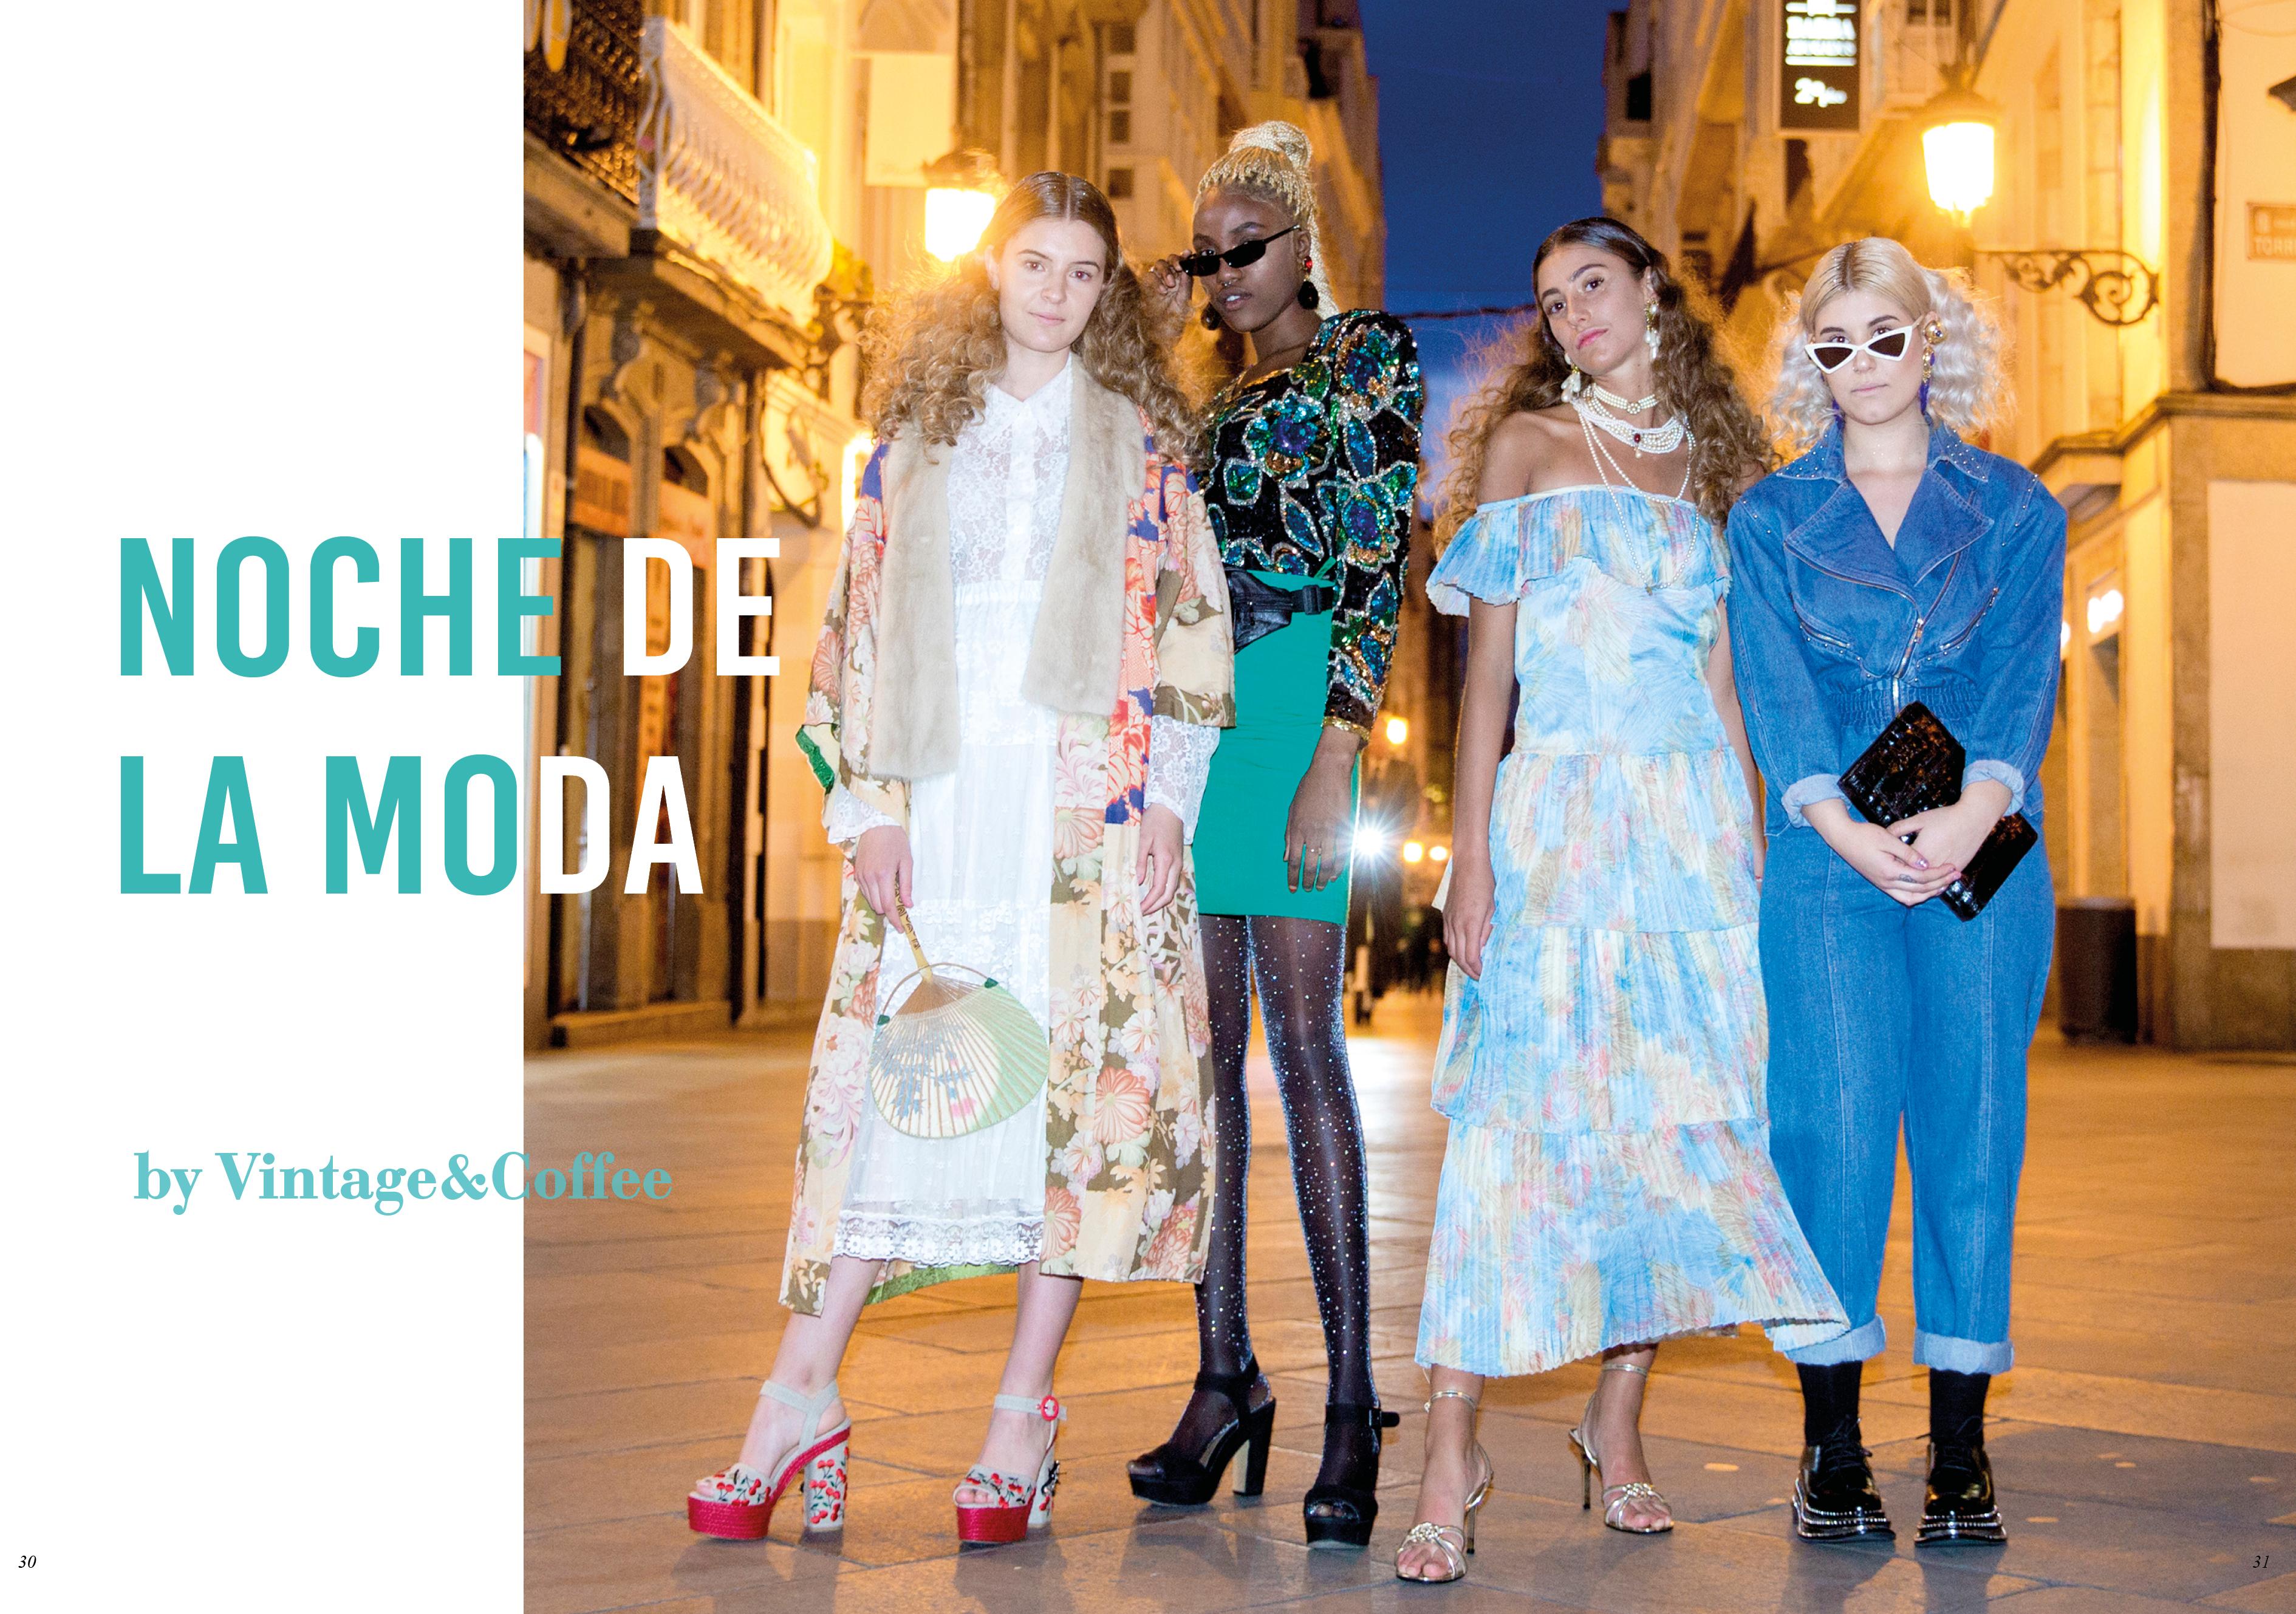 Noche de la moda by Vintage&Coffee